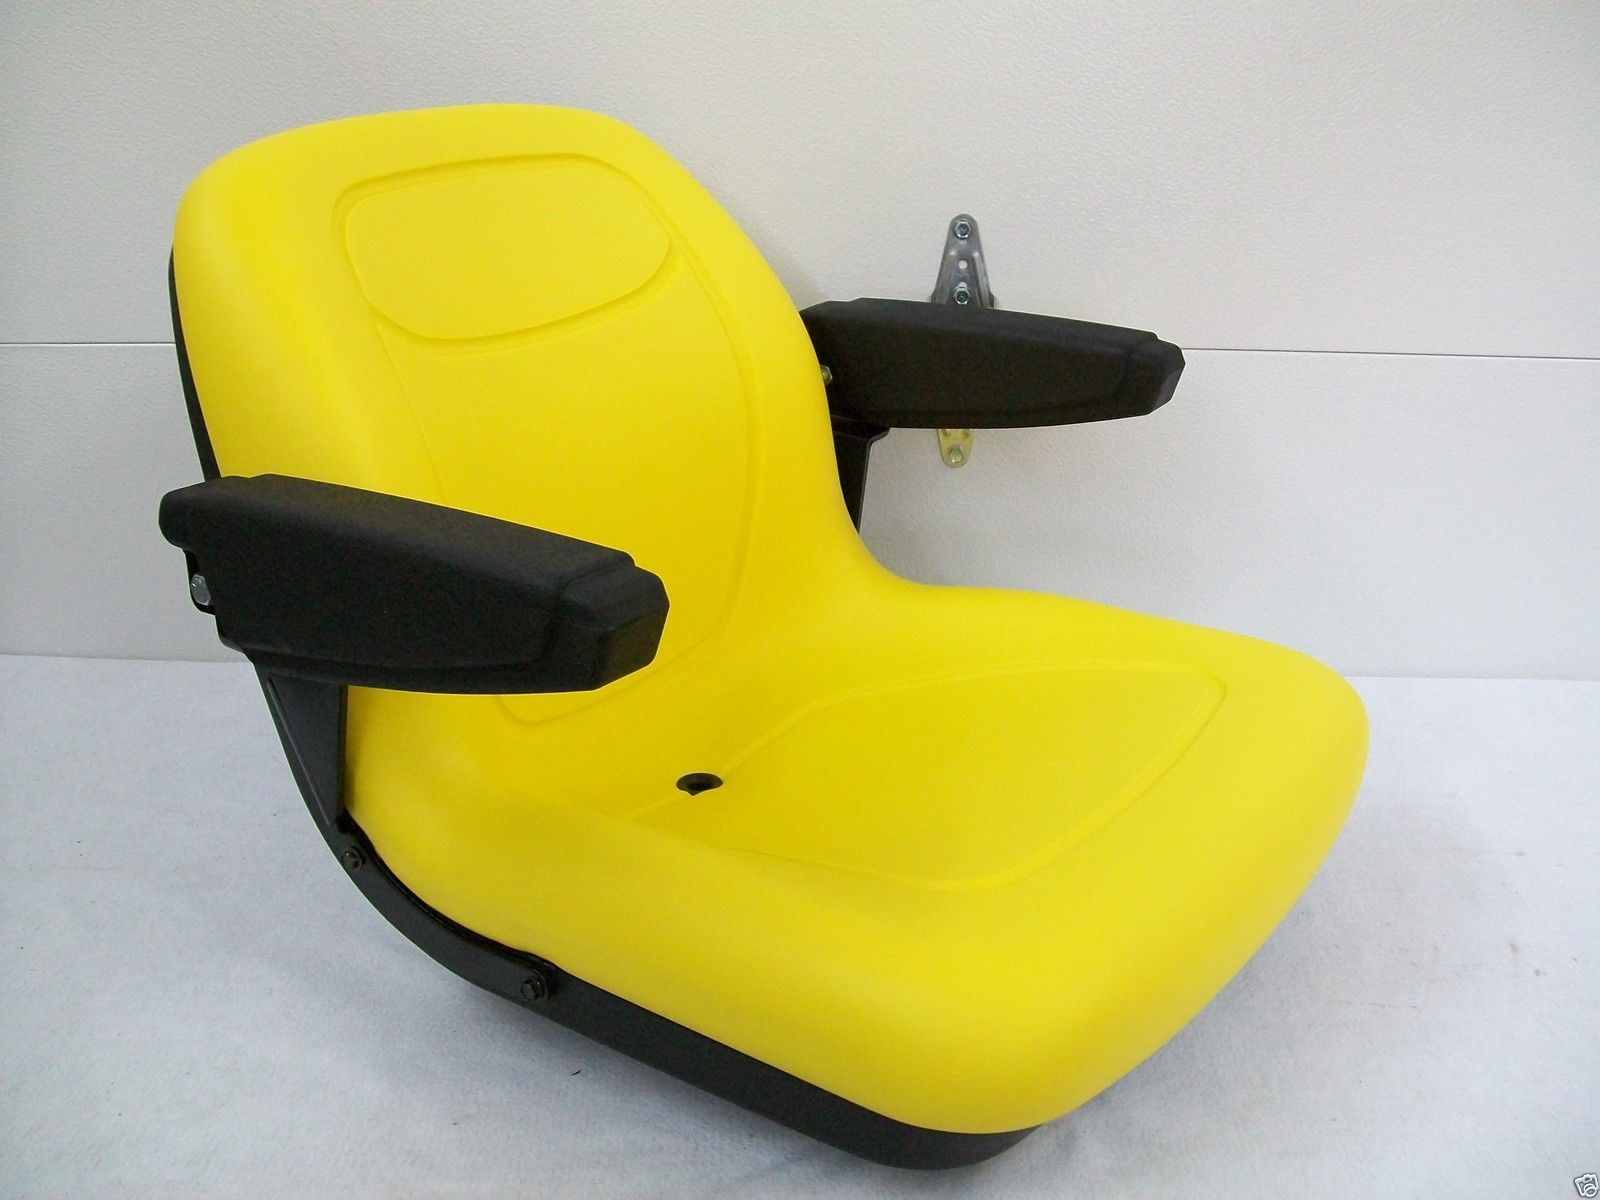 320 John Deere Replacement Seat : Seat for john deere r